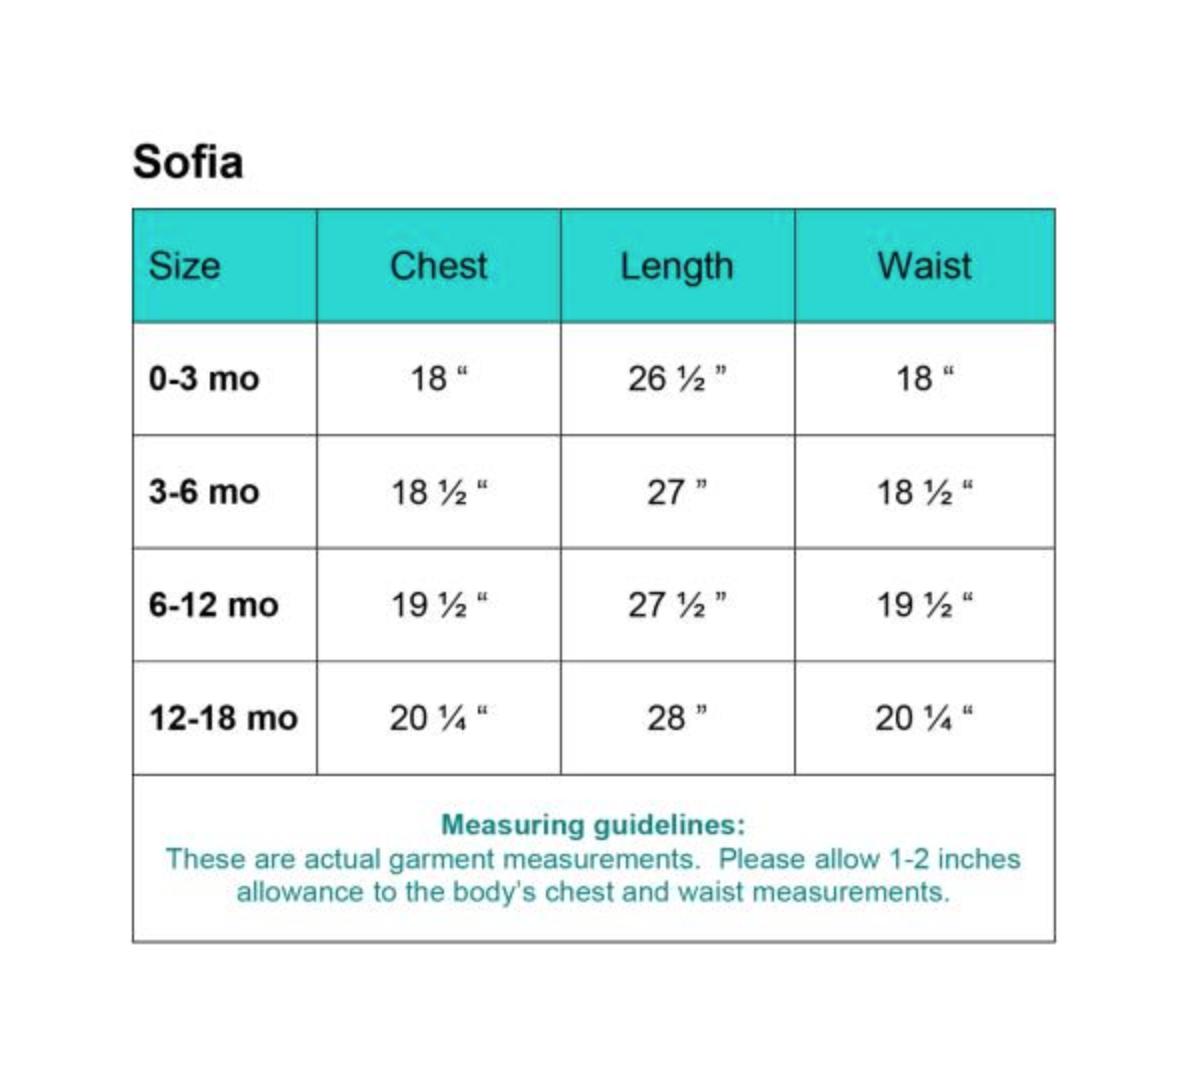 sizing-chart-sofia.png